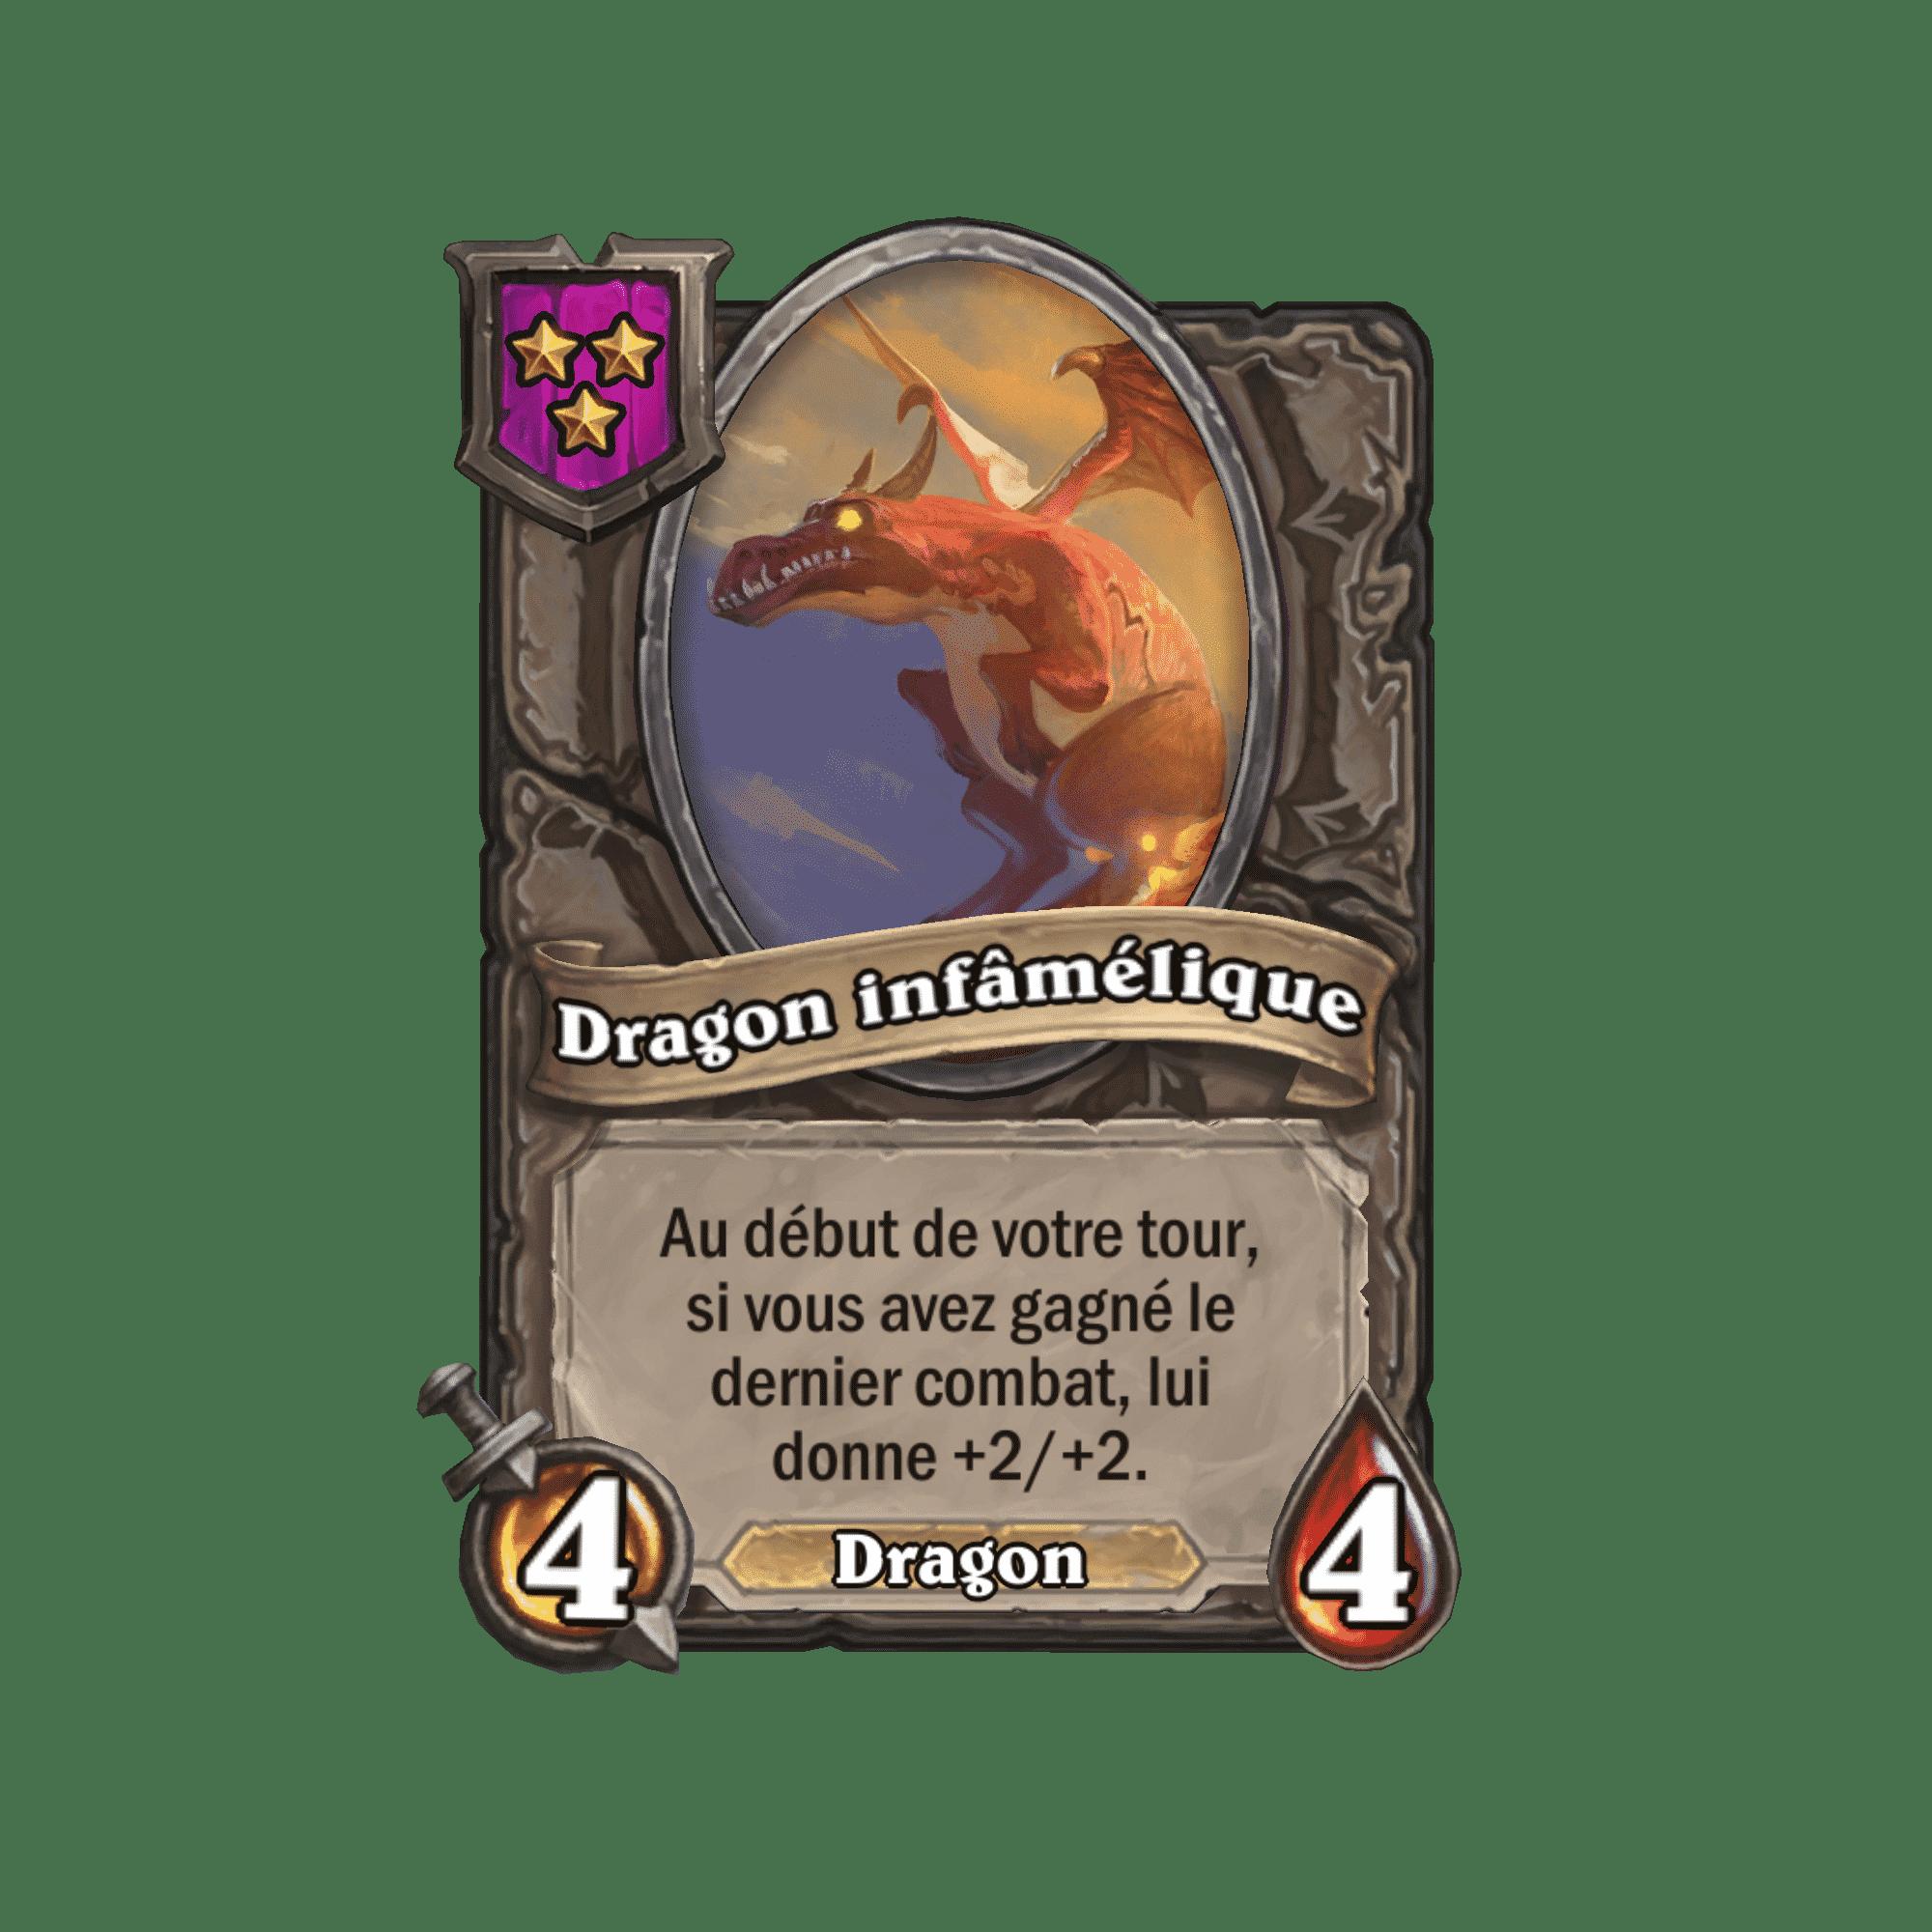 dragon-infamelique